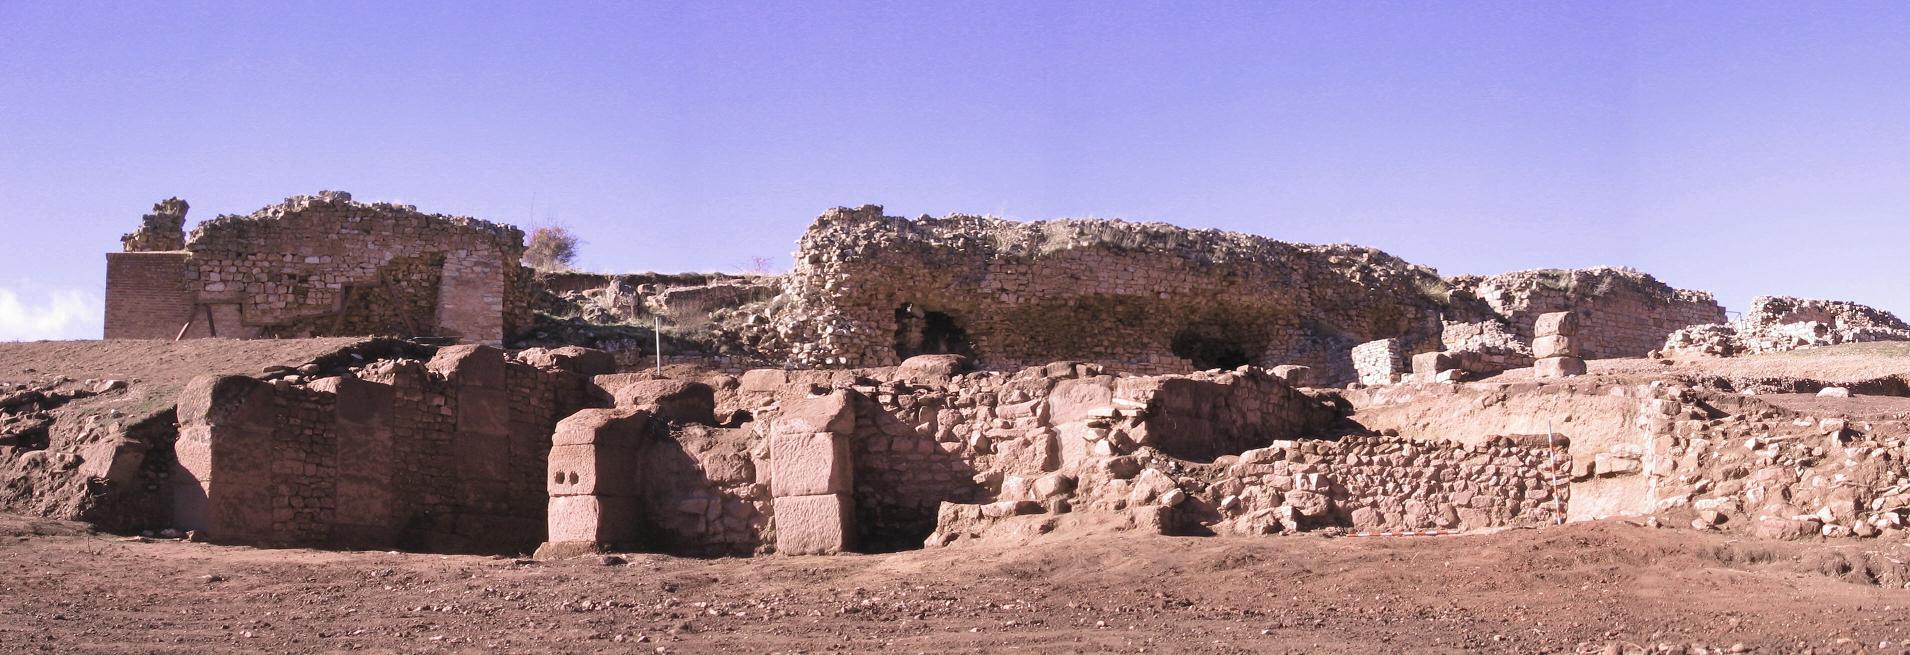 Tiermes ciudad de piedra